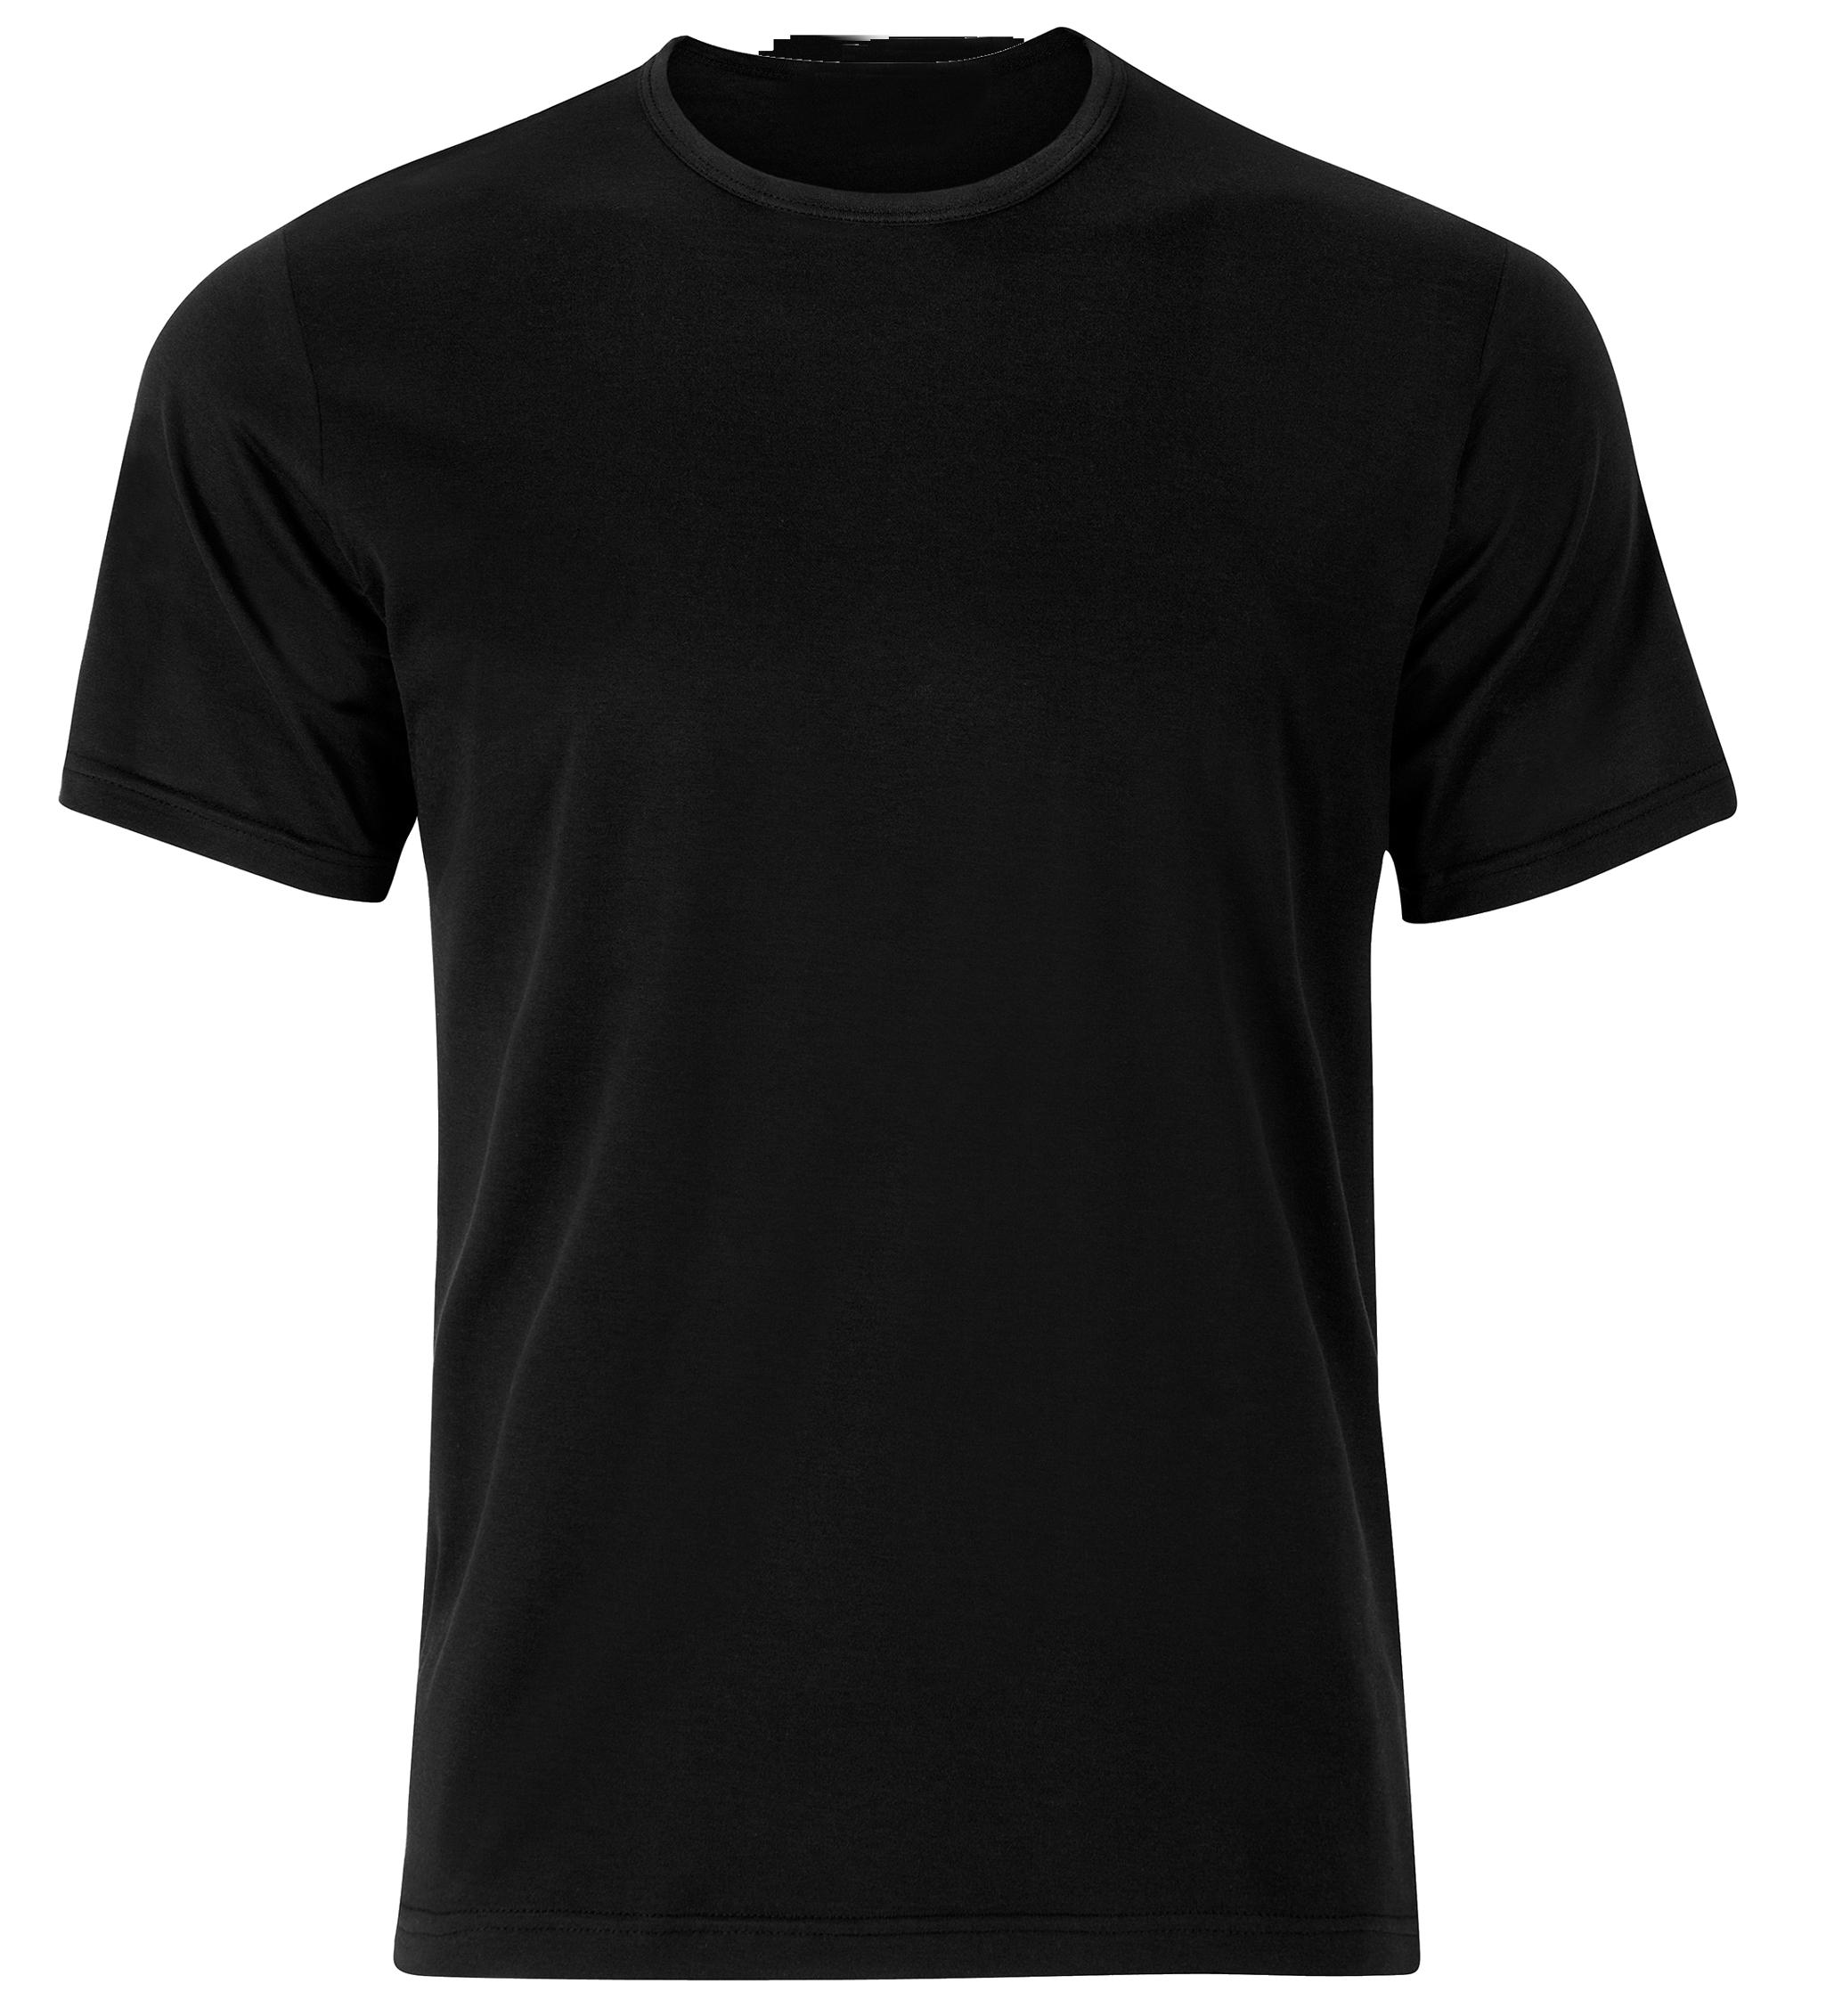 Shirt HD PNG - 90610